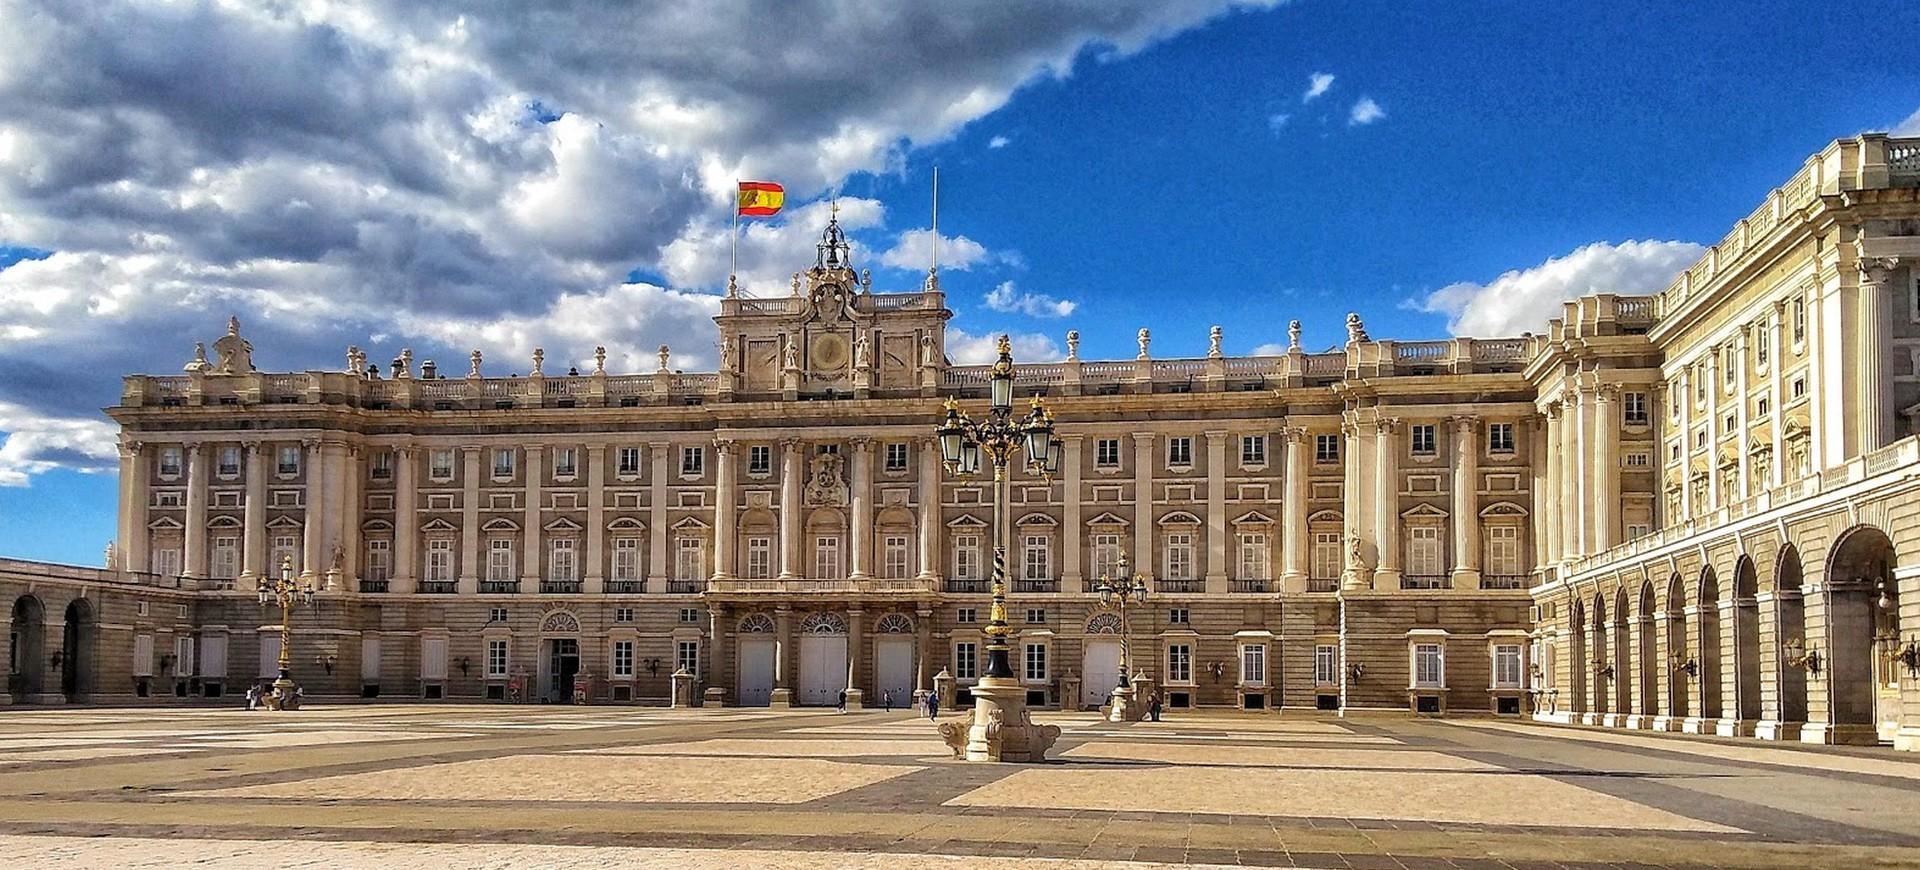 Espagne, Madrid Palais Royal